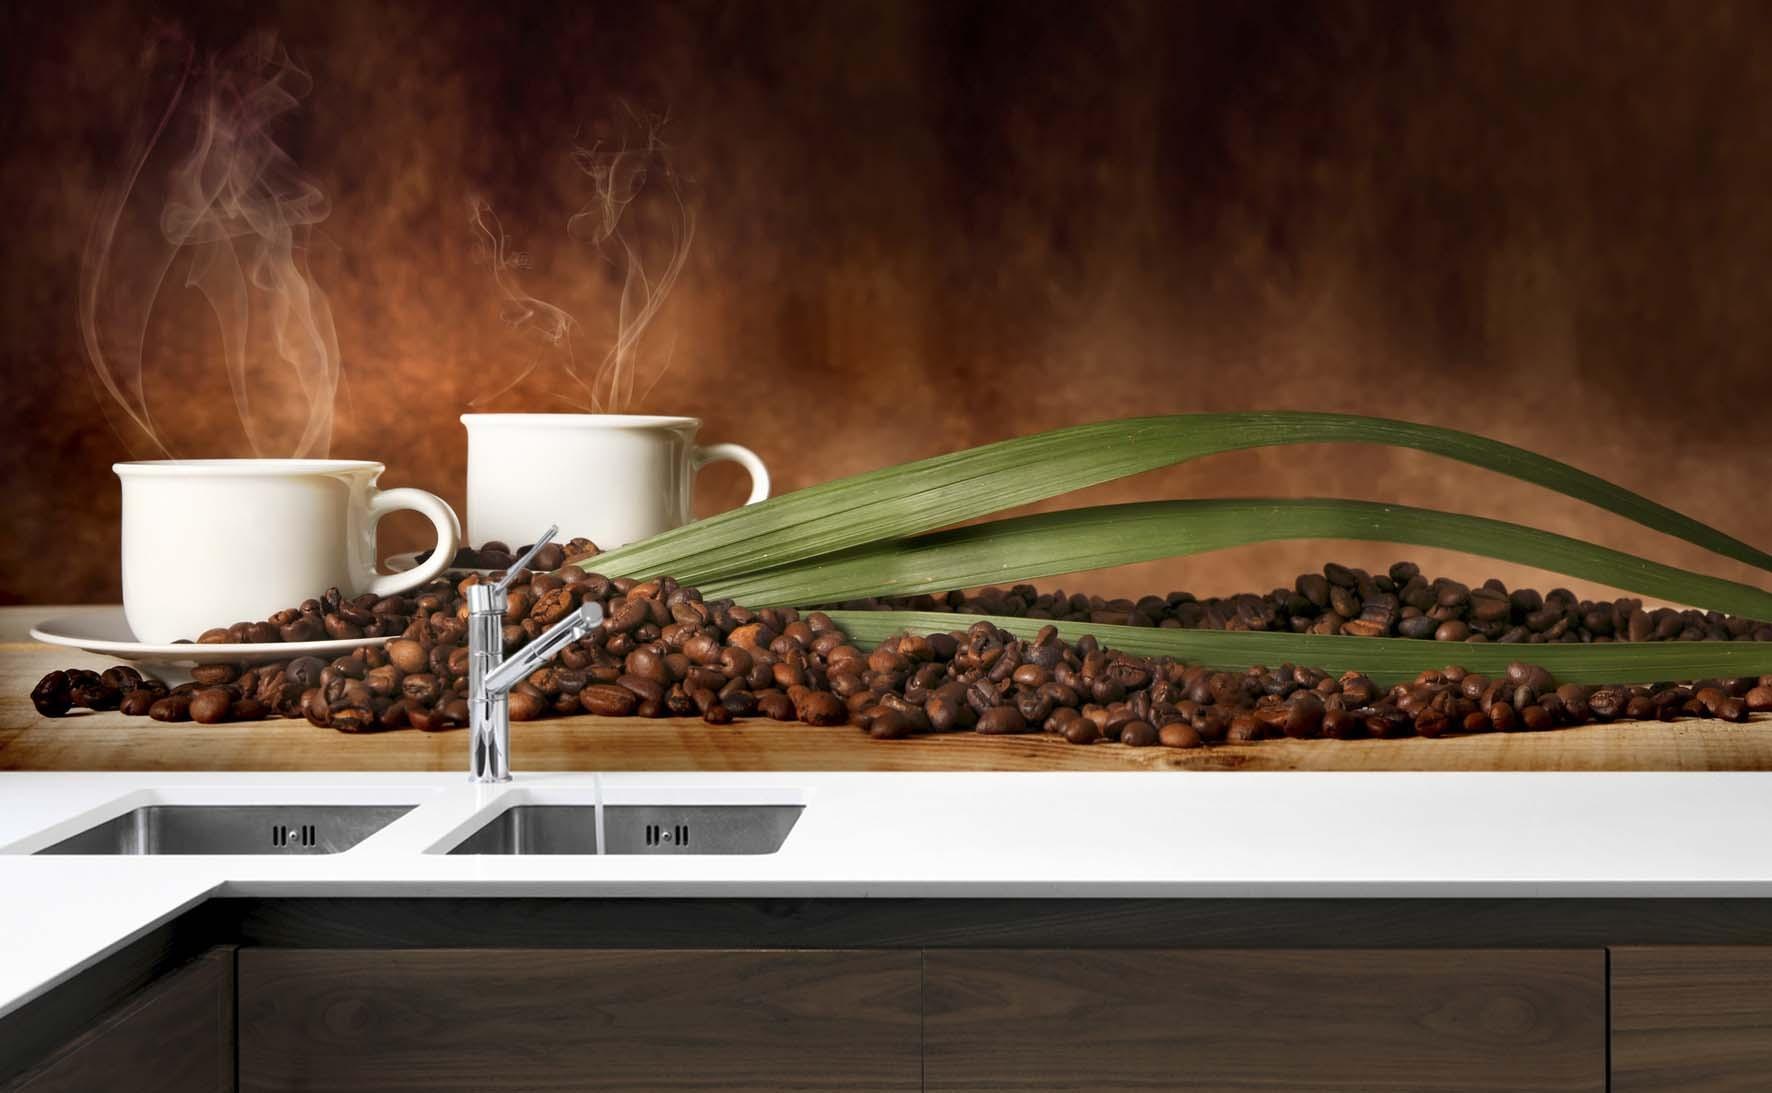 Fototapeta do kuchni KAWA PARZONA  Magic & Style -> Fototapeta Do Kuchnia